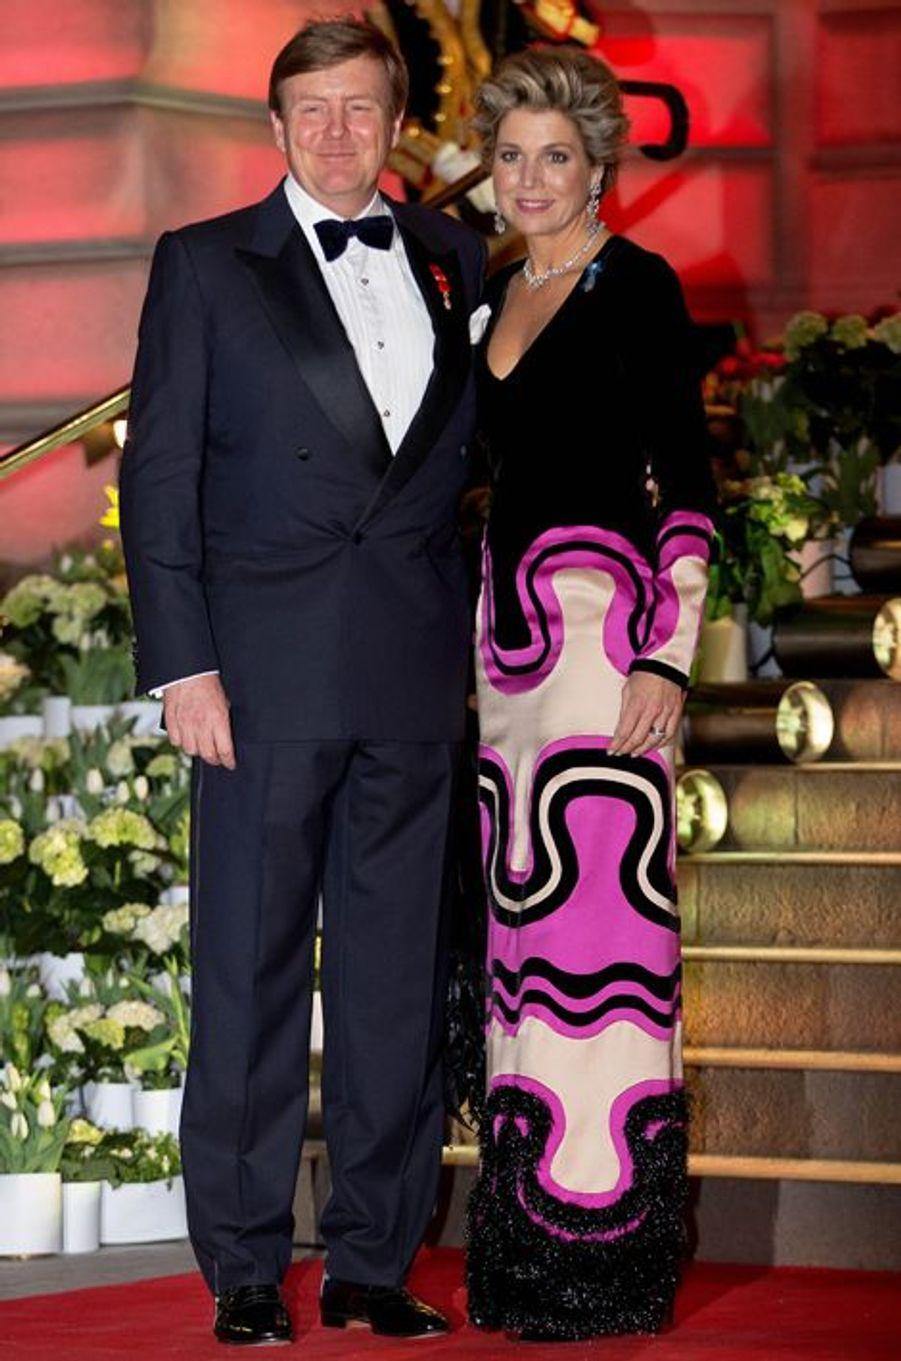 La reine Maxima des Pays-Bas, avec le roi Willem-Alexander, à Paris, le 11 mars 2016